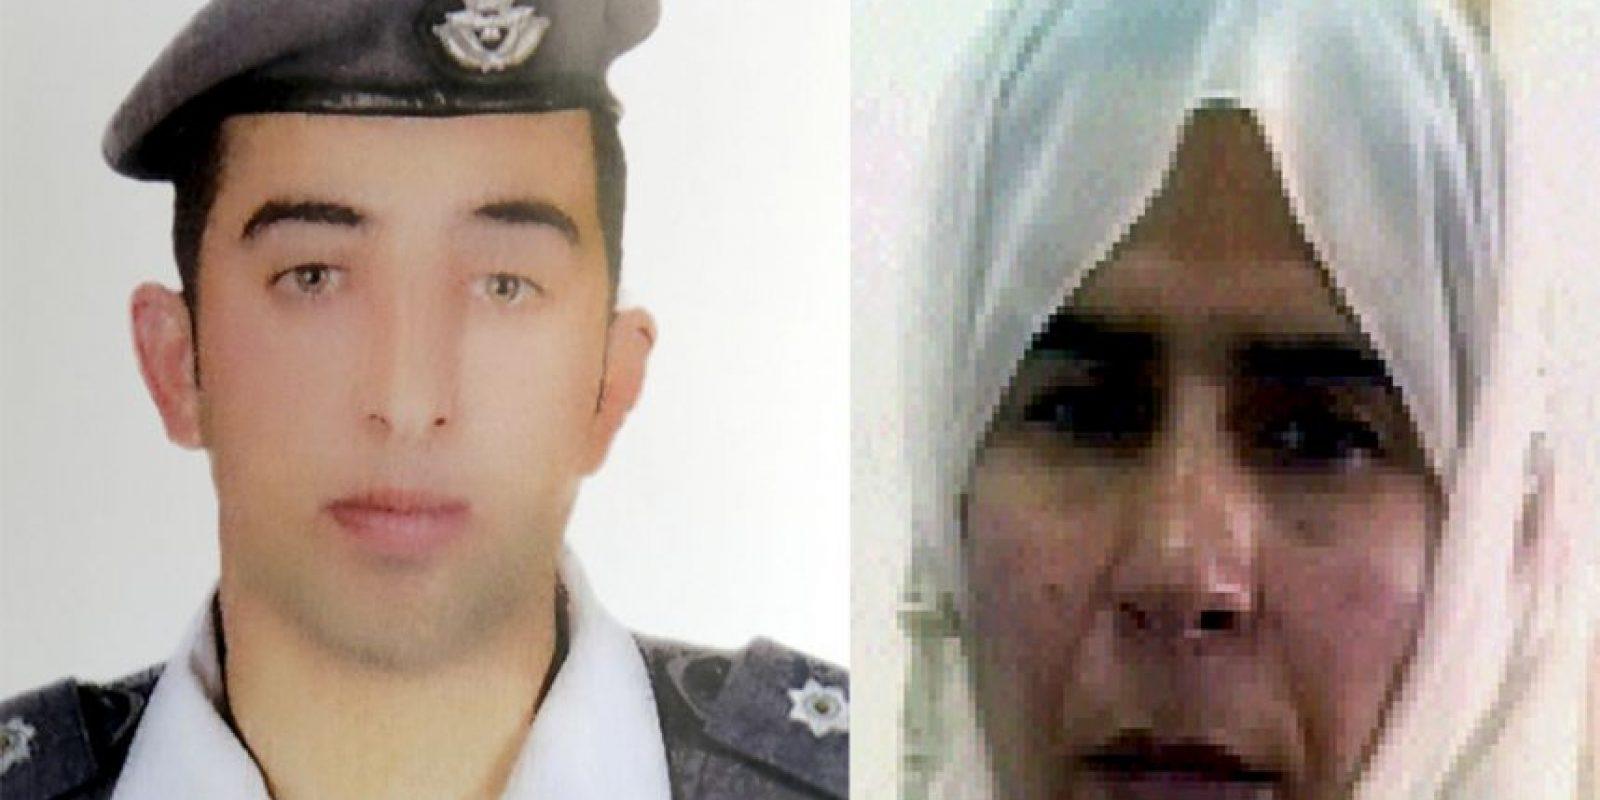 El grupo terrorista ha pedido intercambiarlos por la prisionera Sajida al-Rishawi. Foto:AFP